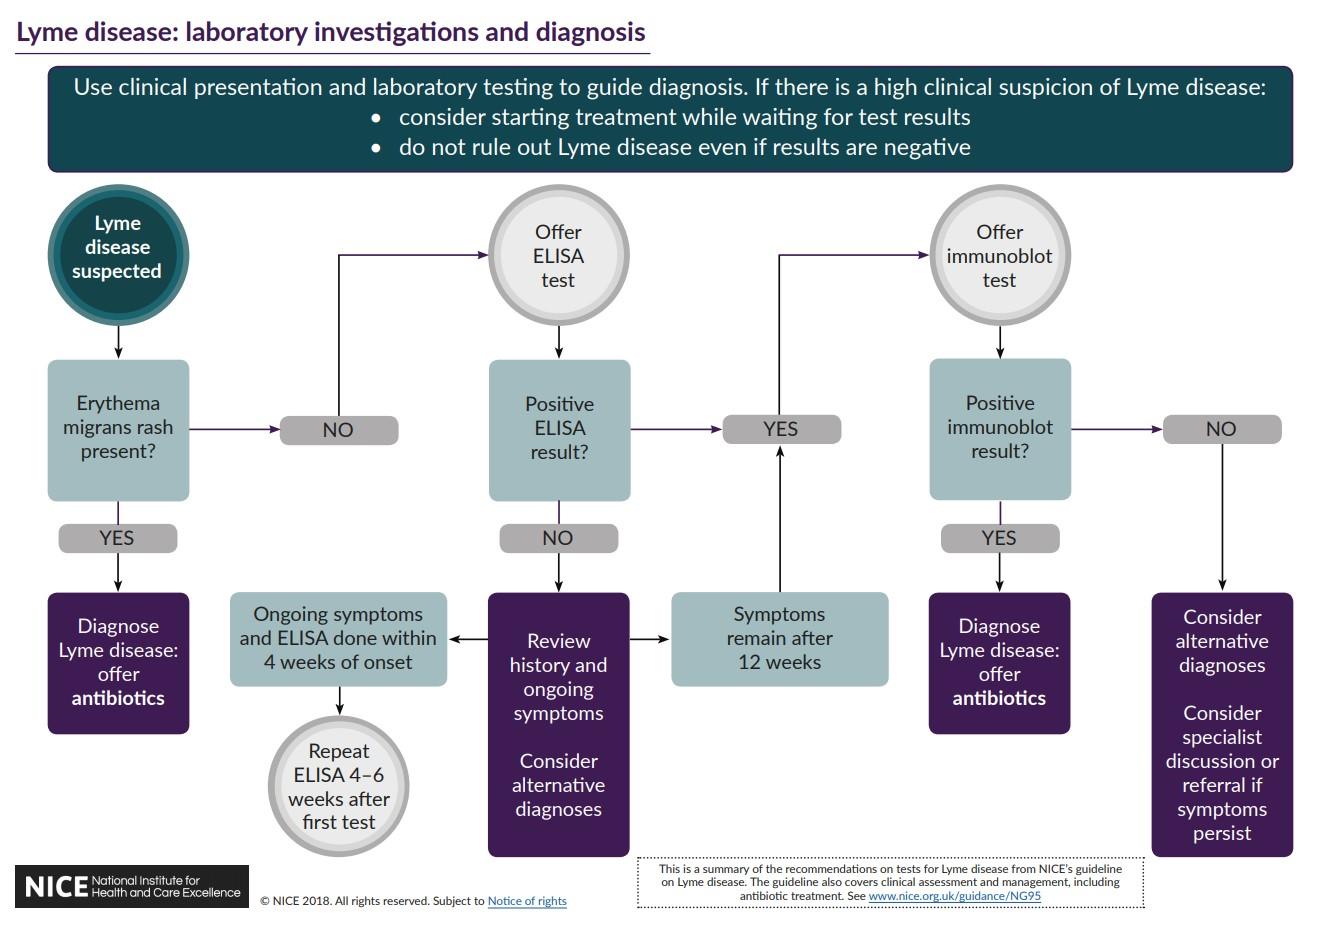 NICE diagnosis visual summary